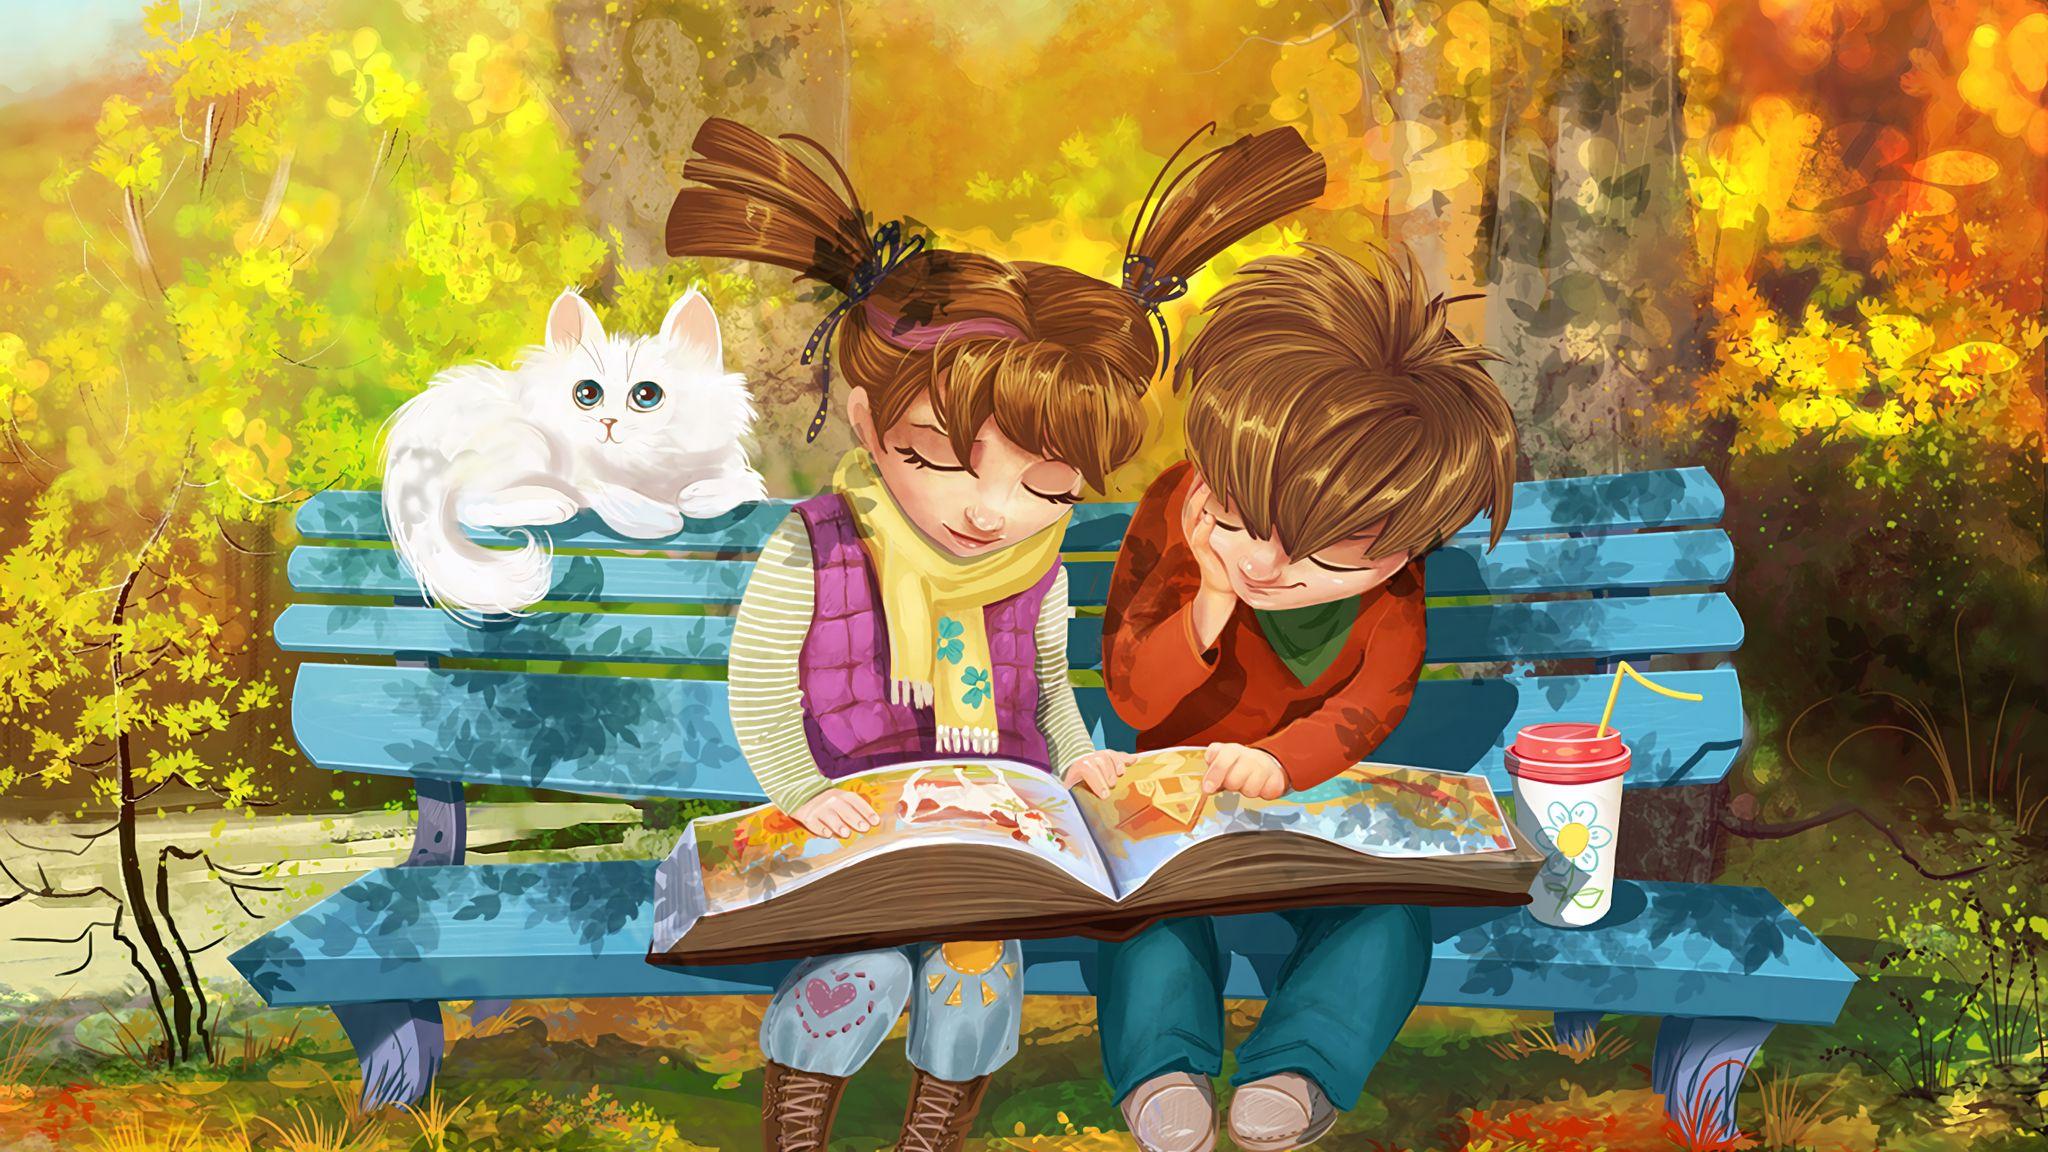 2048x1152 Wallpaper boy, girl, cat, bench, park, cute